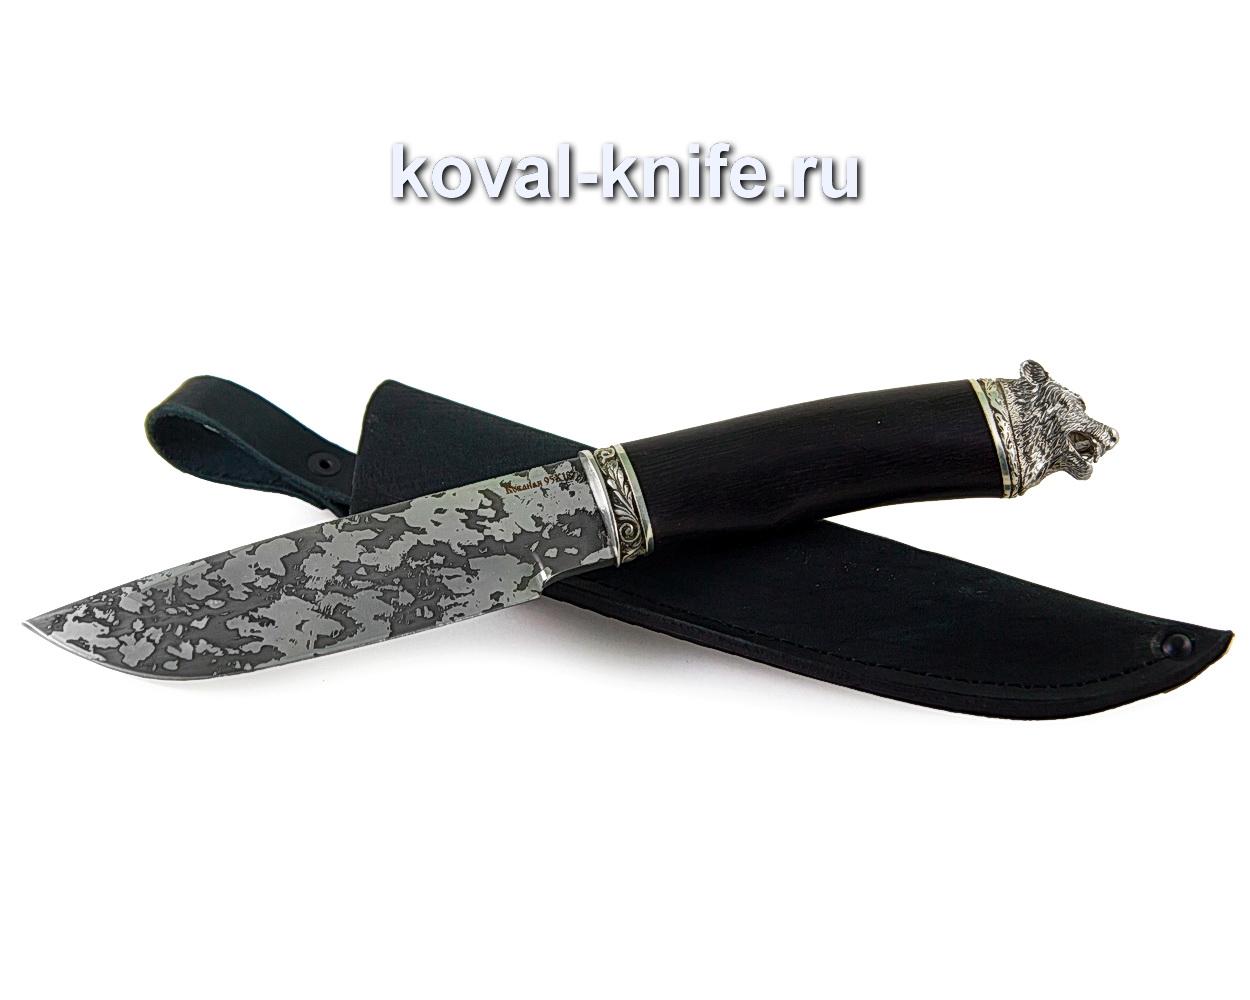 Нож Барс из стали 95х18 (рукоять граб, притин и пятка-мельхиор, травление) A348